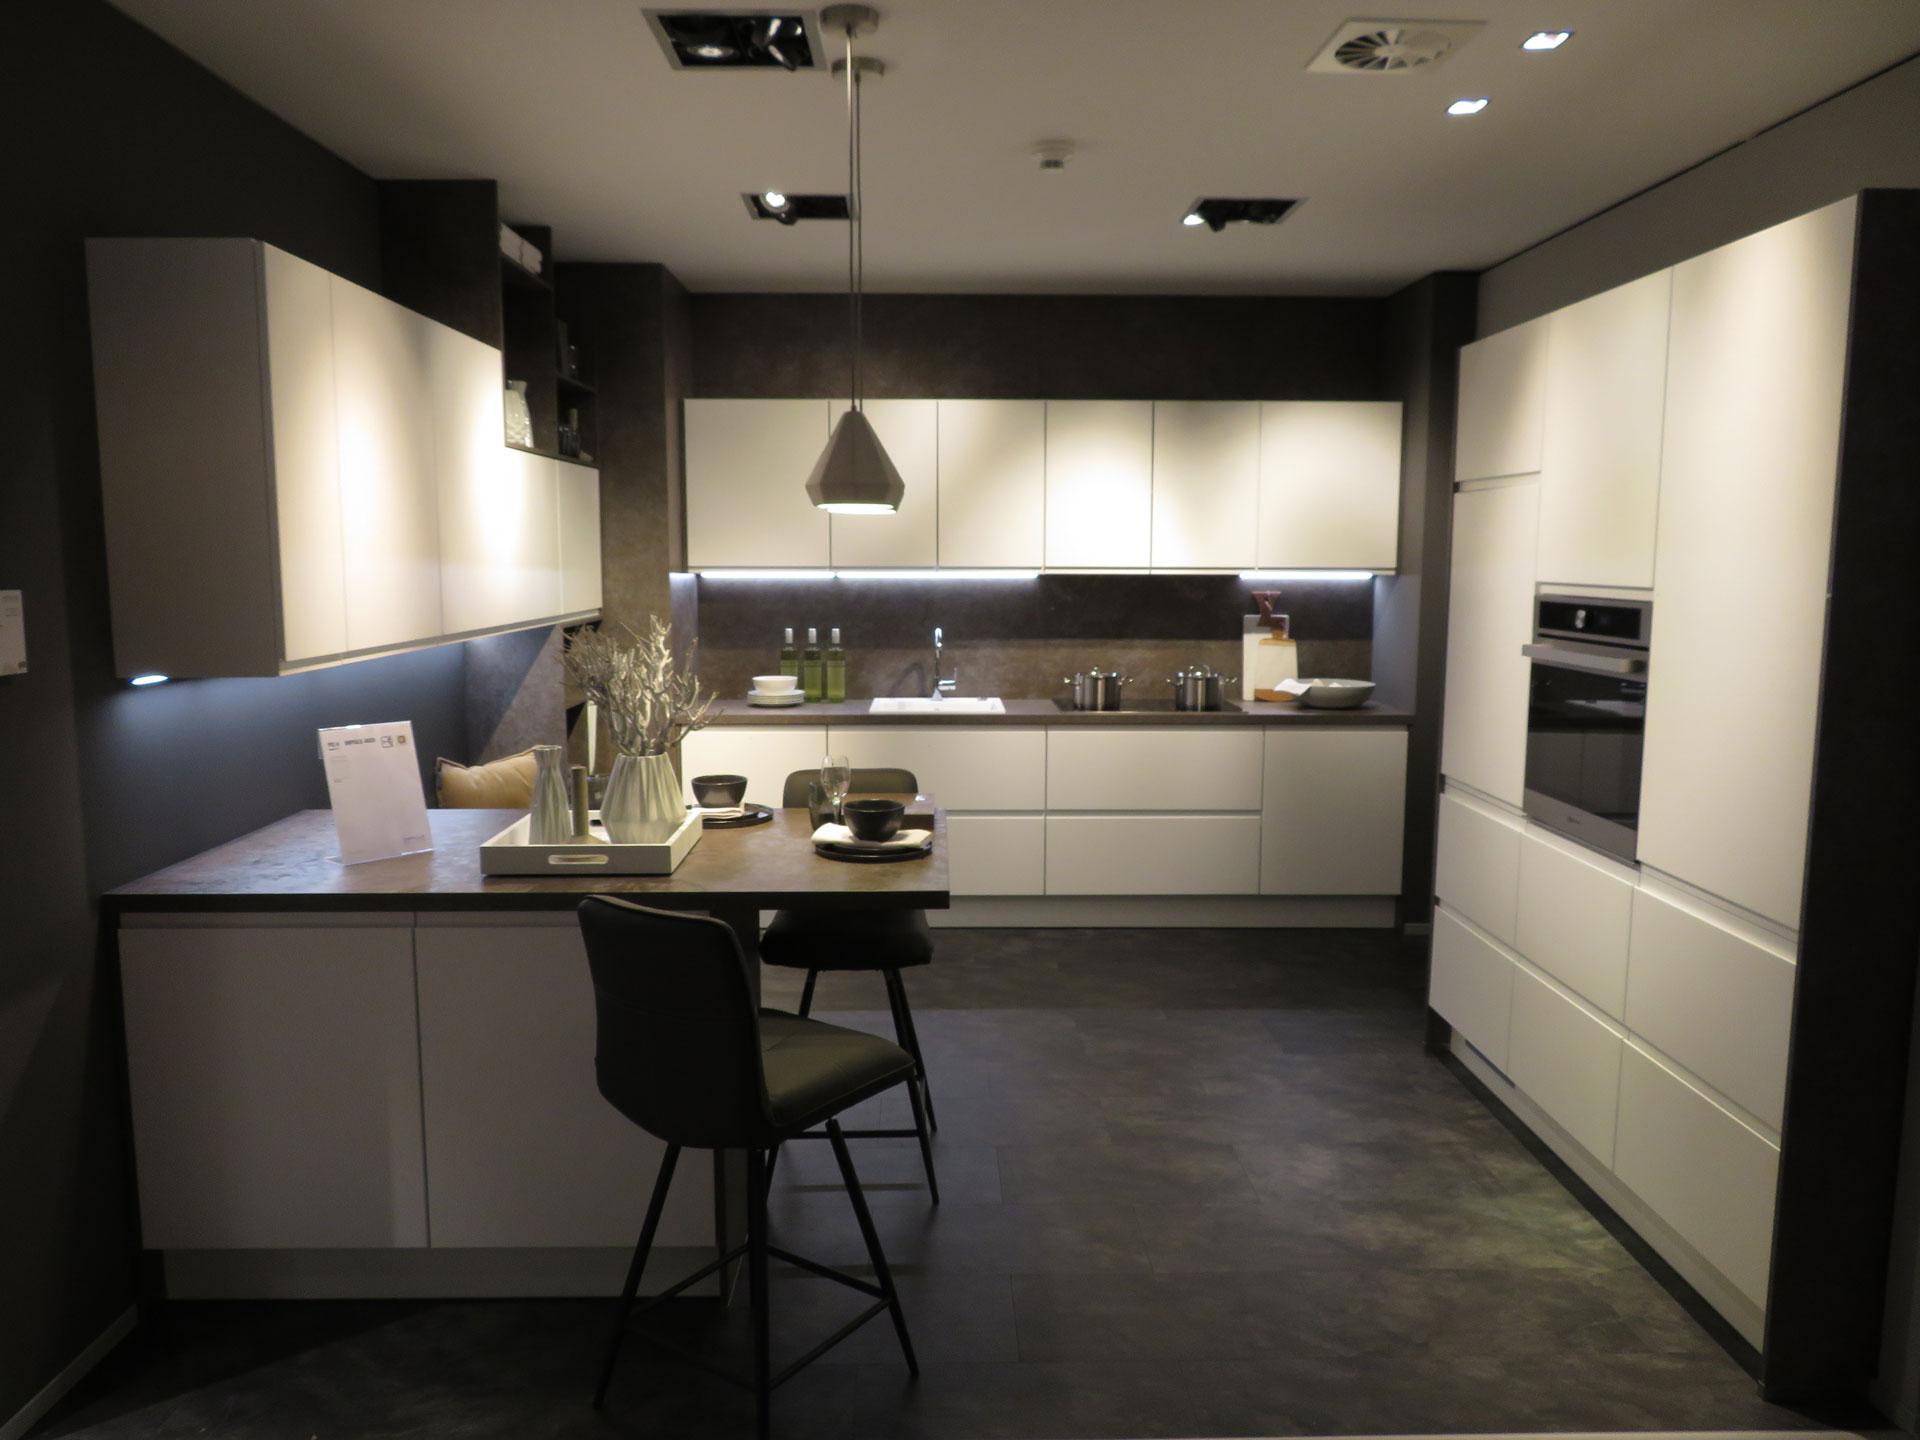 Amüsant Küchen Brilon Galerie Von Impuls KÜchen Bietet 3 Küchenprogramme